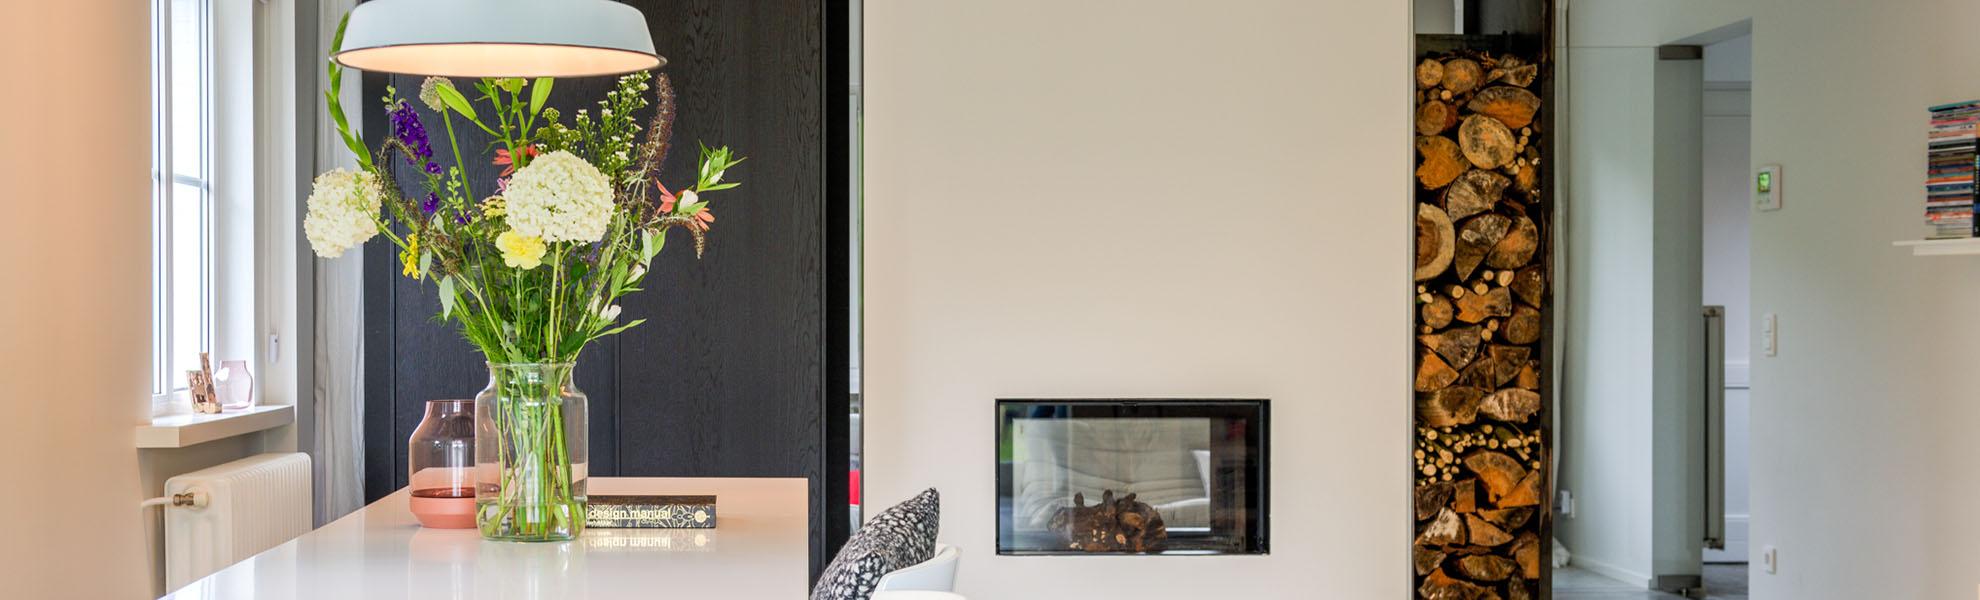 Hus Interieur - ontwerpen en maatkasten in relatie tot je omgeving